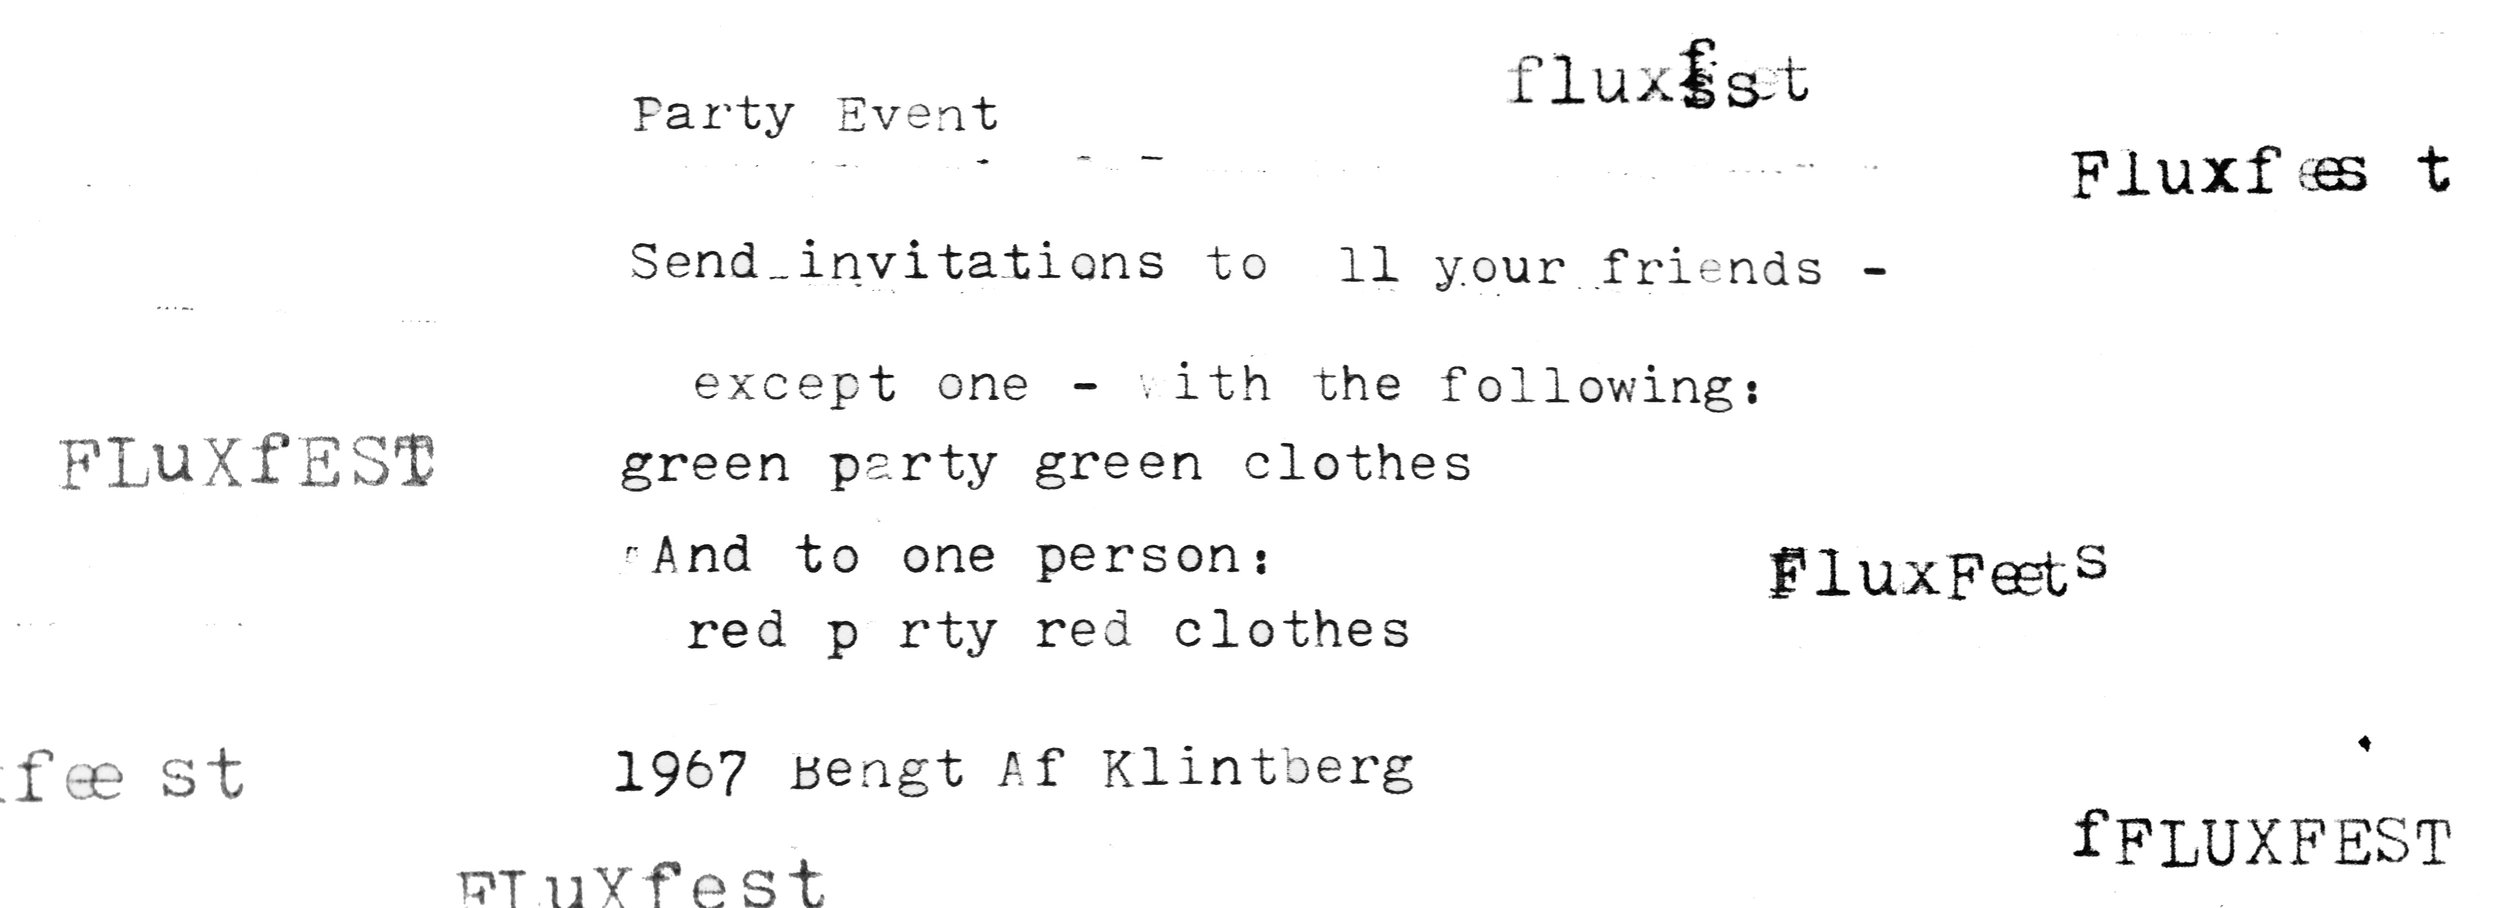 fluxpieces_partyevent.jpg